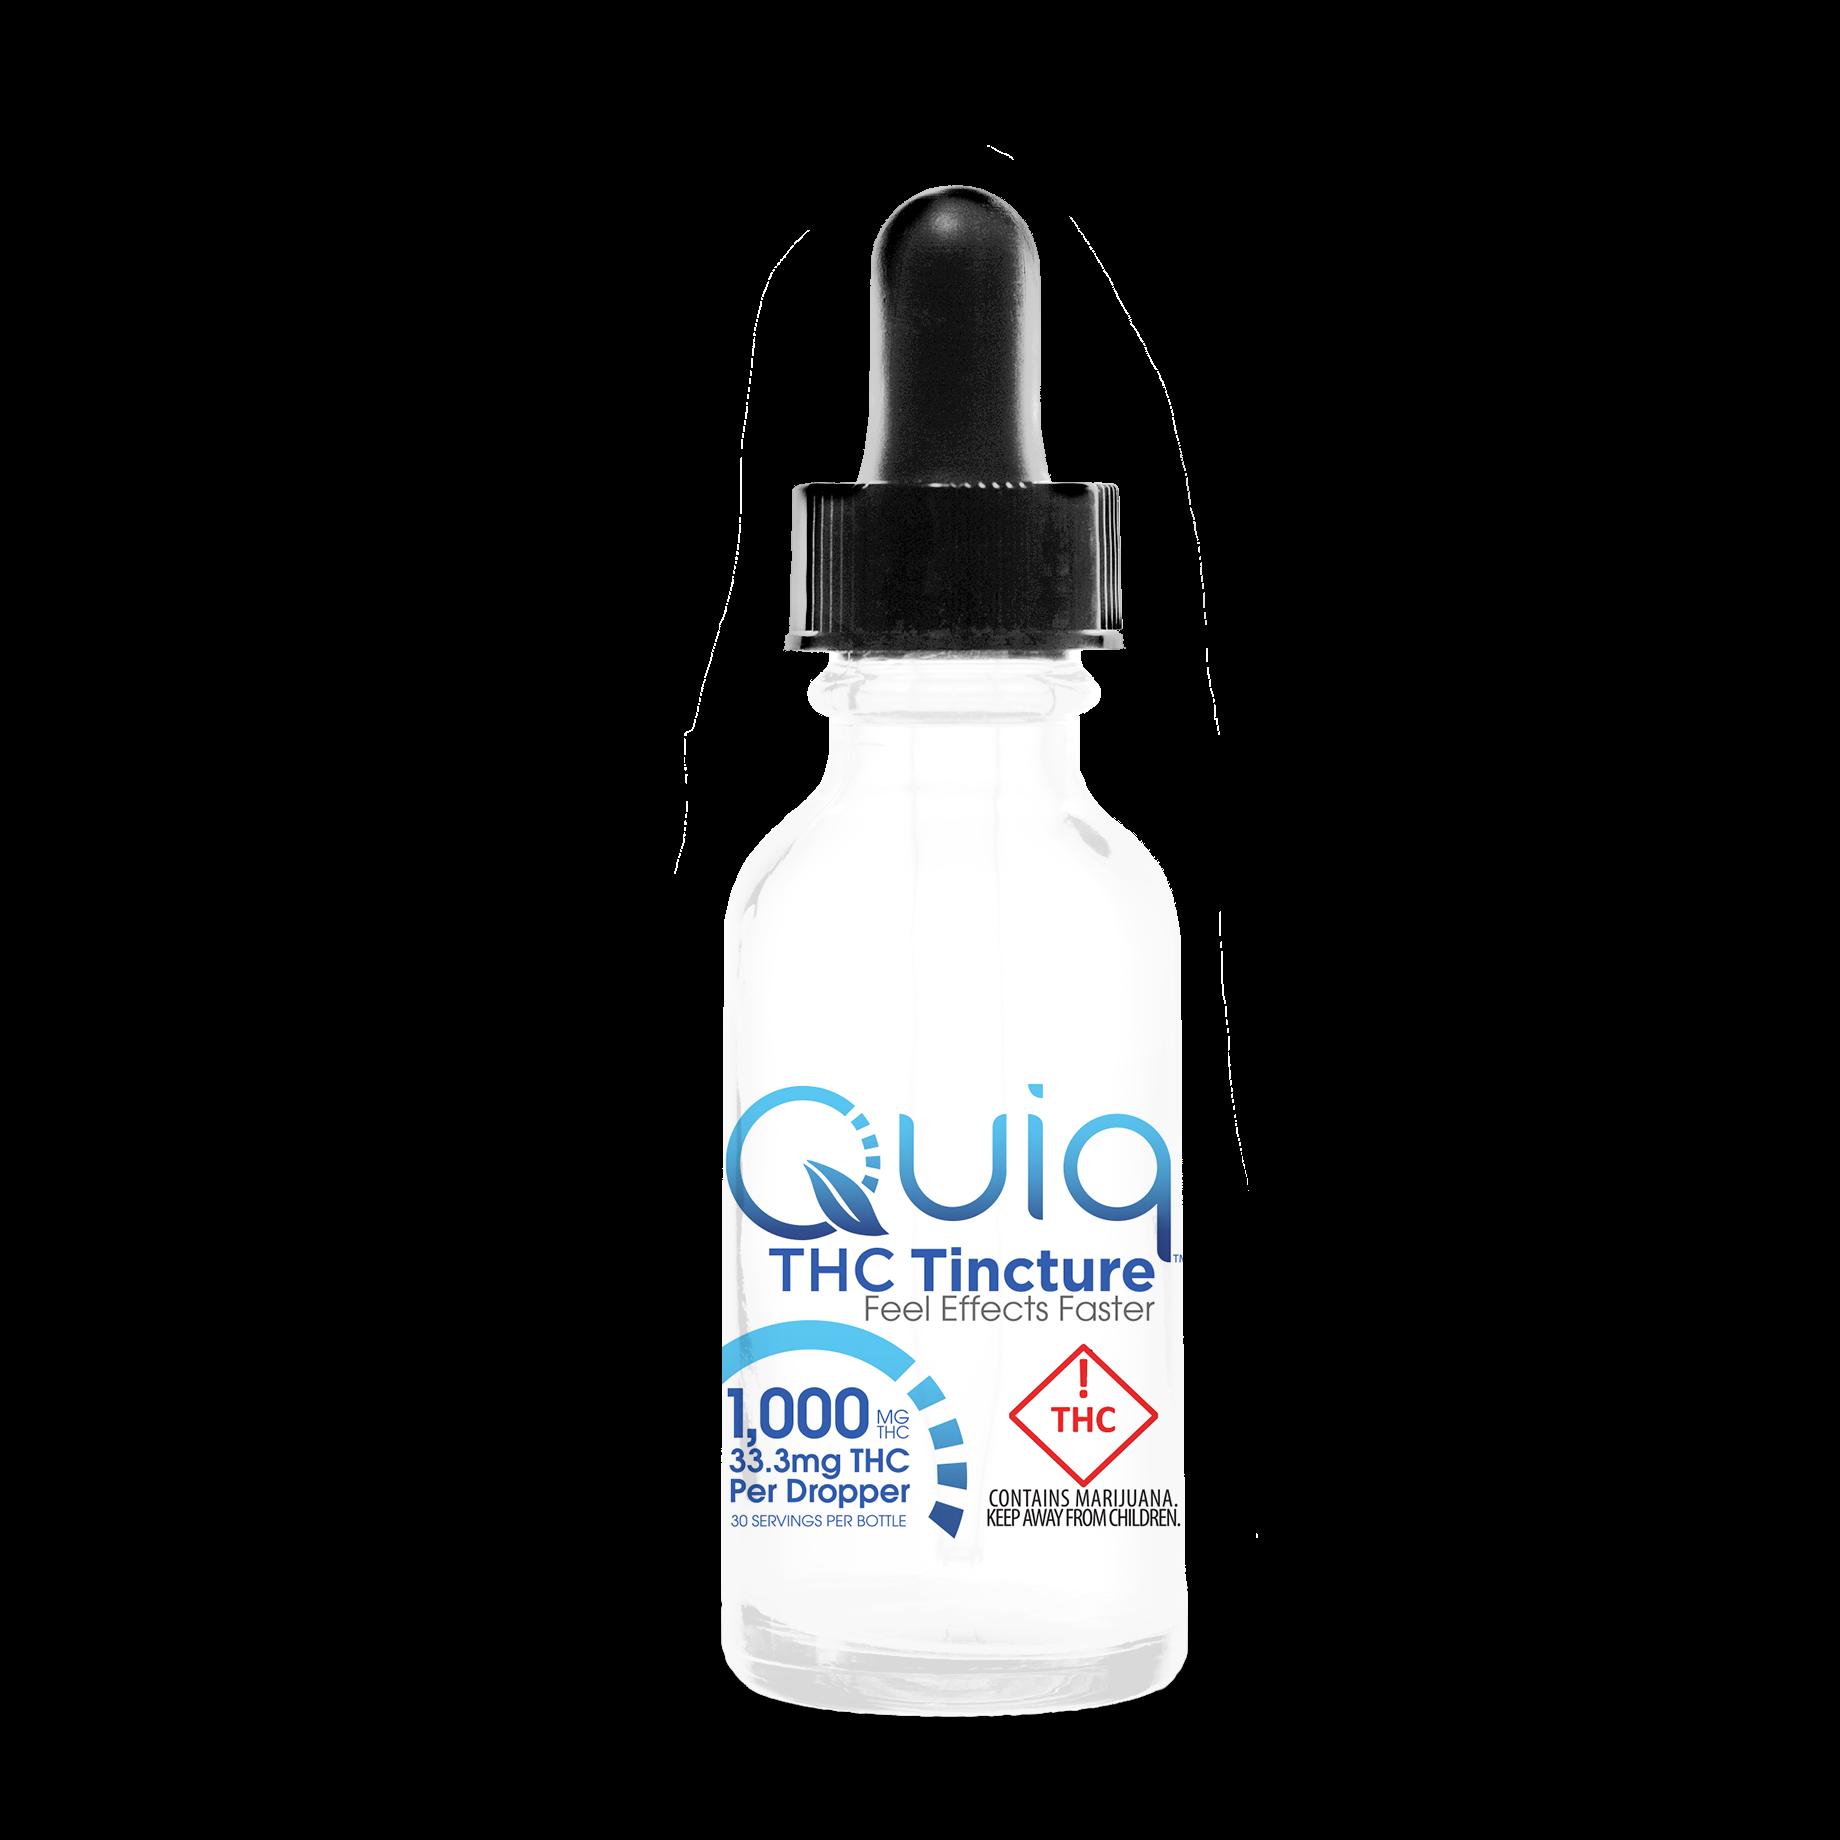 QUIQMED-Tincture-1000T-RENDERING